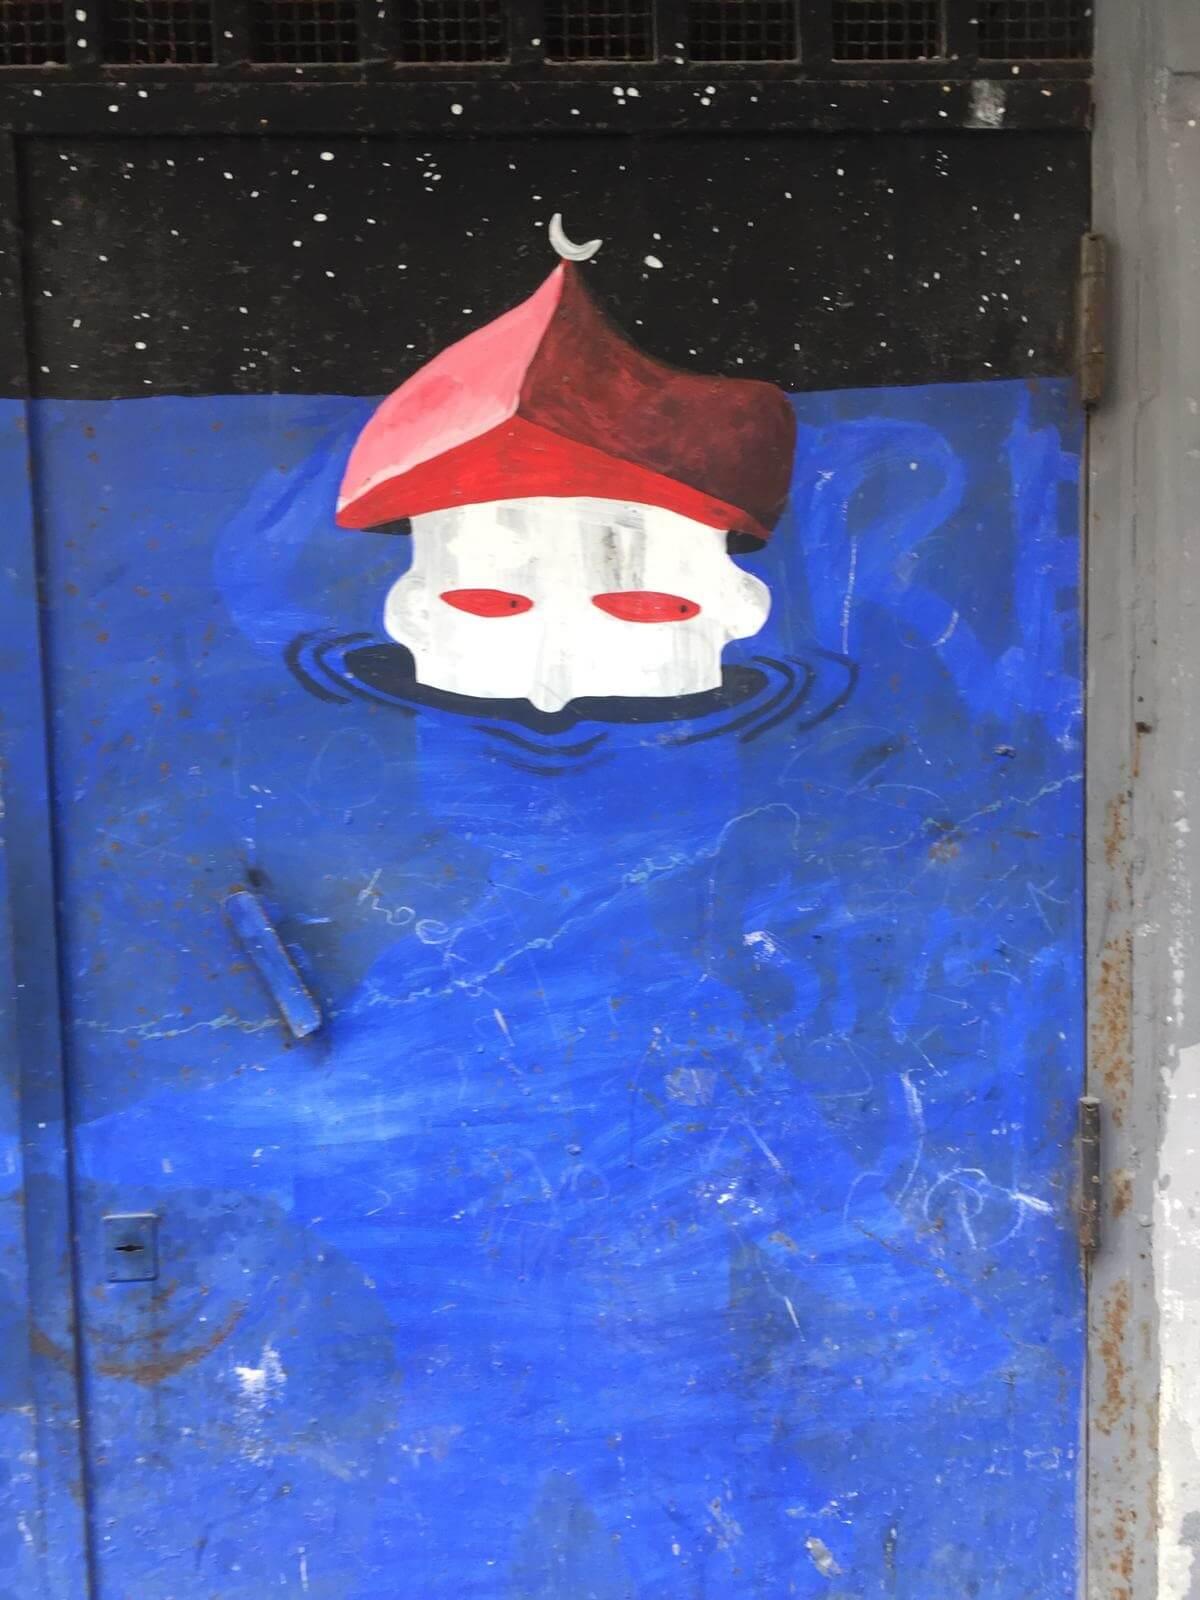 אמנות רחוב ברובע הספרדי בנאפולי